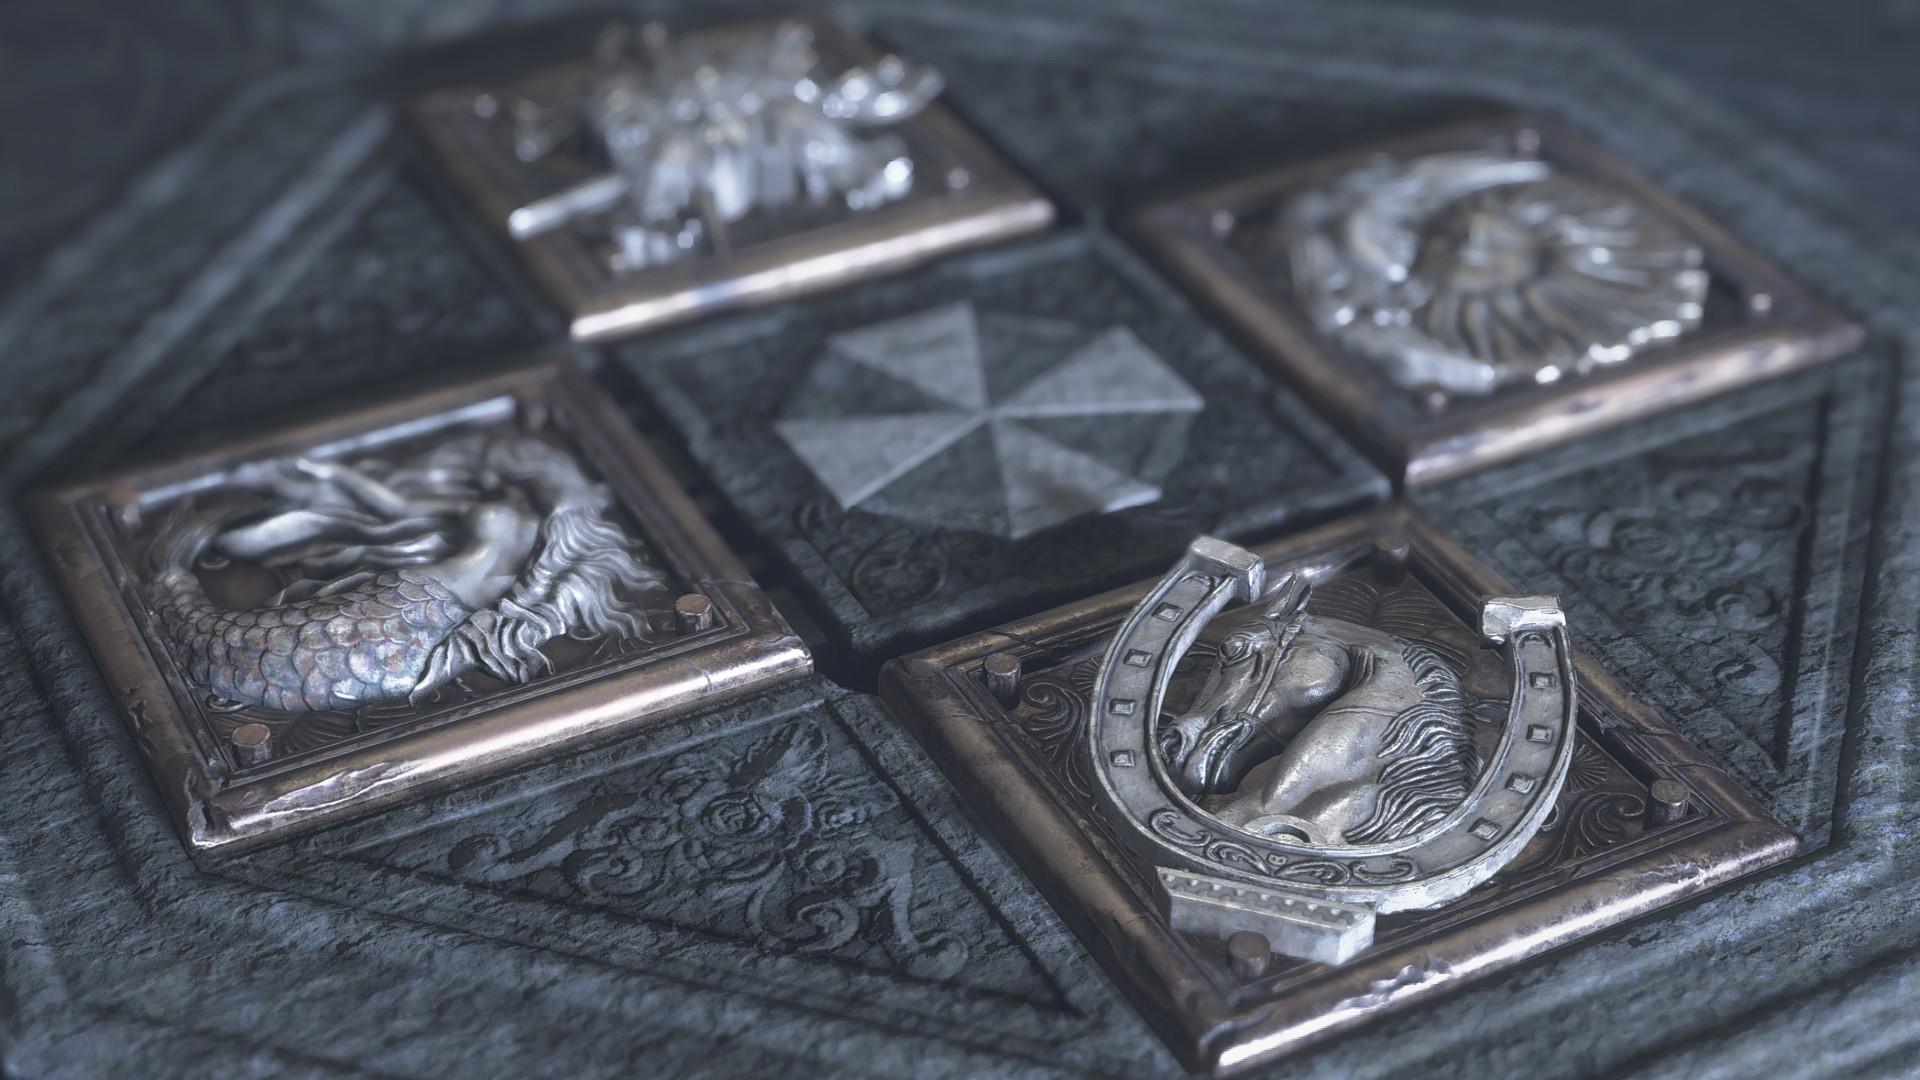 Resident Evil Village Pre-order | LATAM (b6447c78-256d-49d2-8803-08debdd88014)